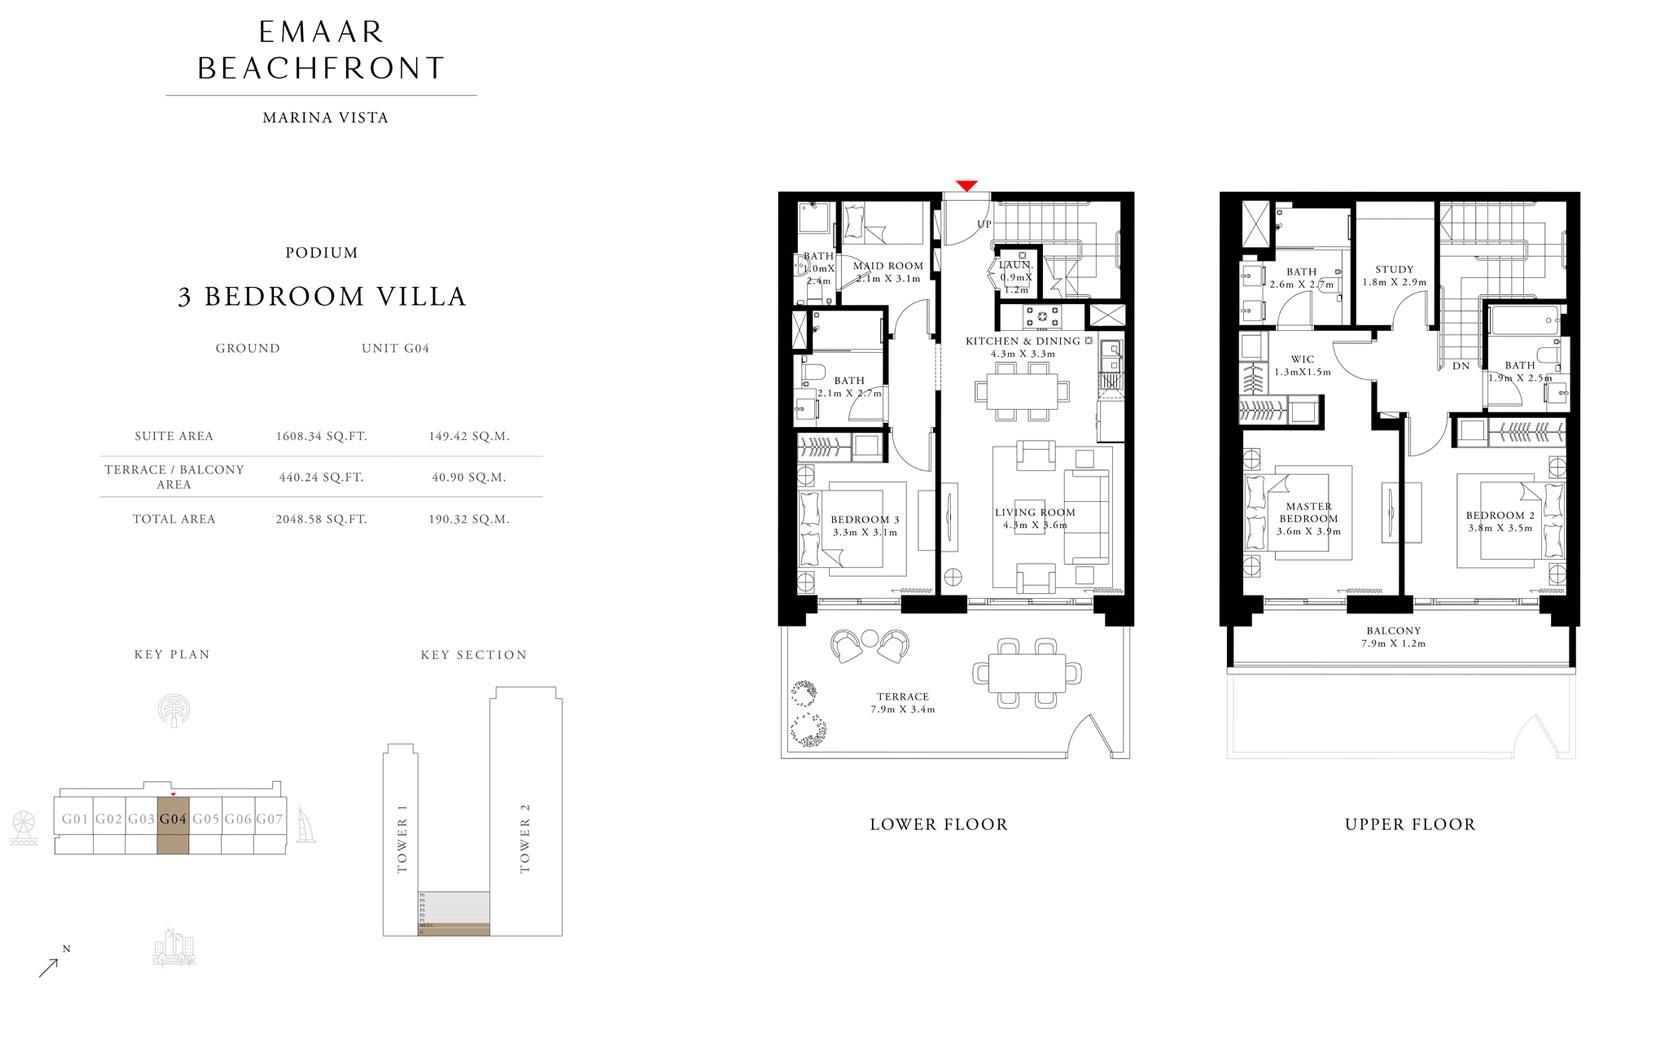 فيلا 3 غرف نوم ، بوديوم ، وحدة G 04 ، حجم 2048 قدم مربع